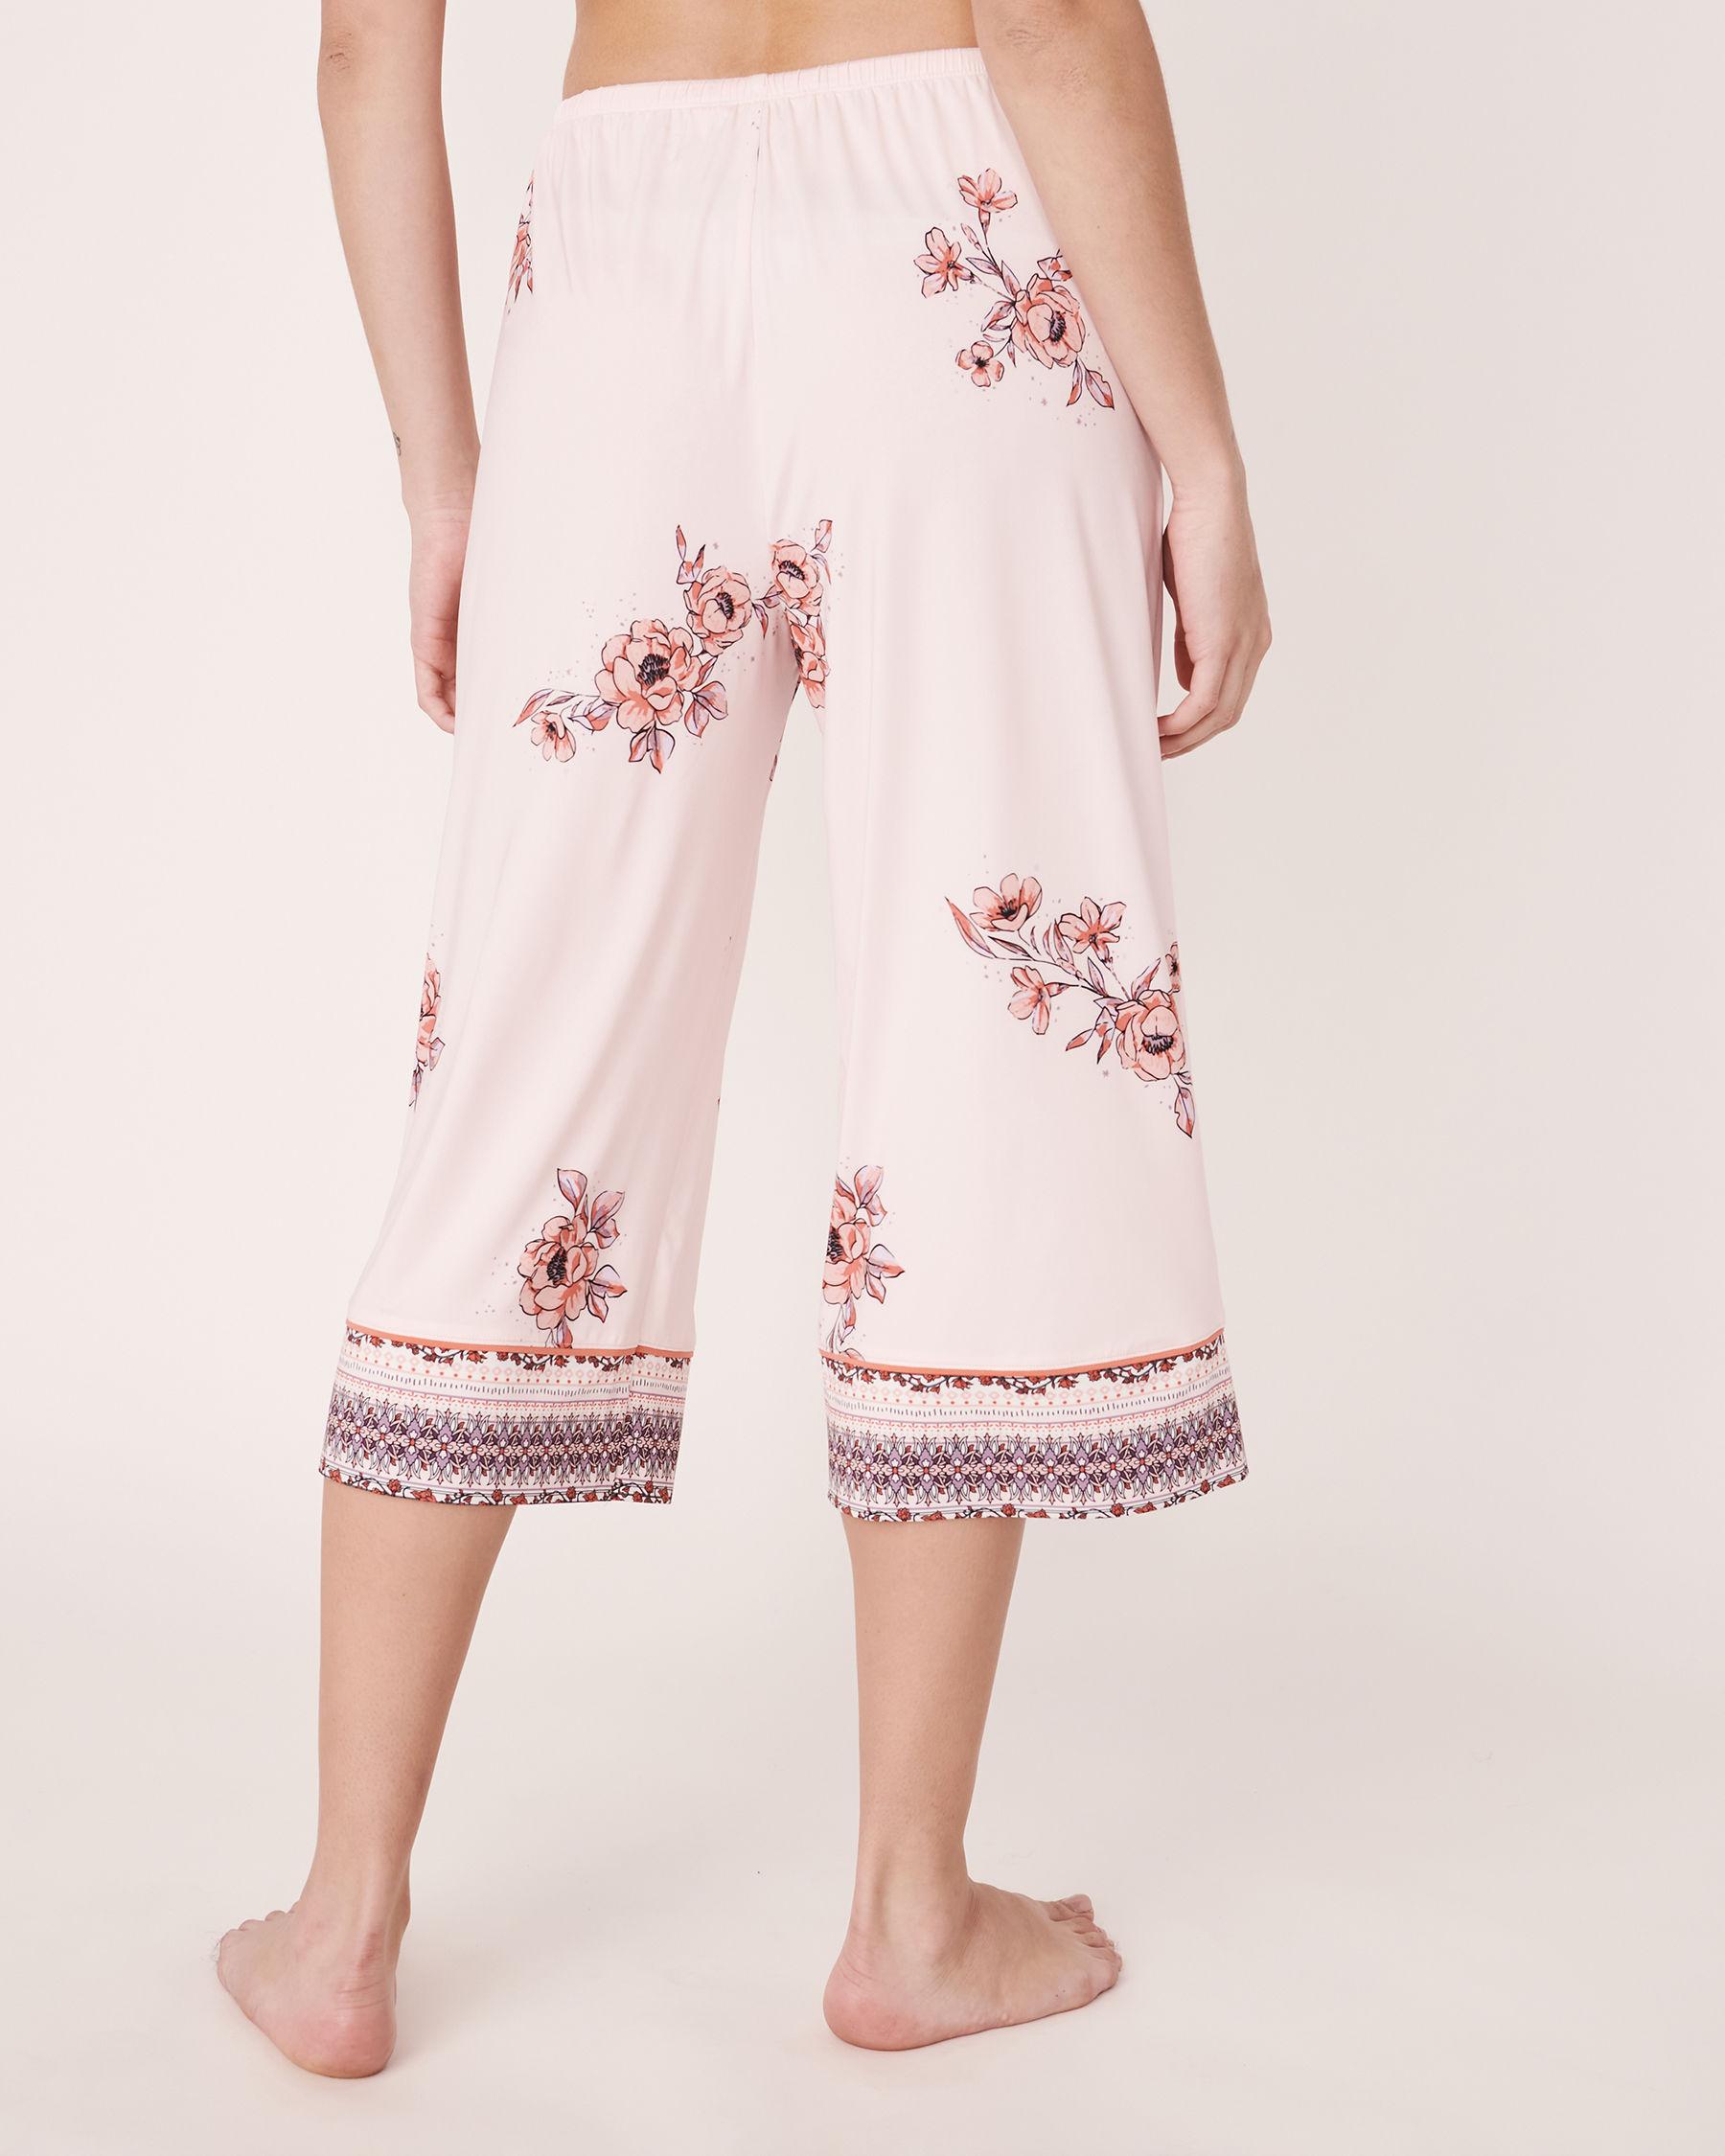 LA VIE EN ROSE Capri jambe large en fibres recyclées Imprimé floral 40200059 - Voir2